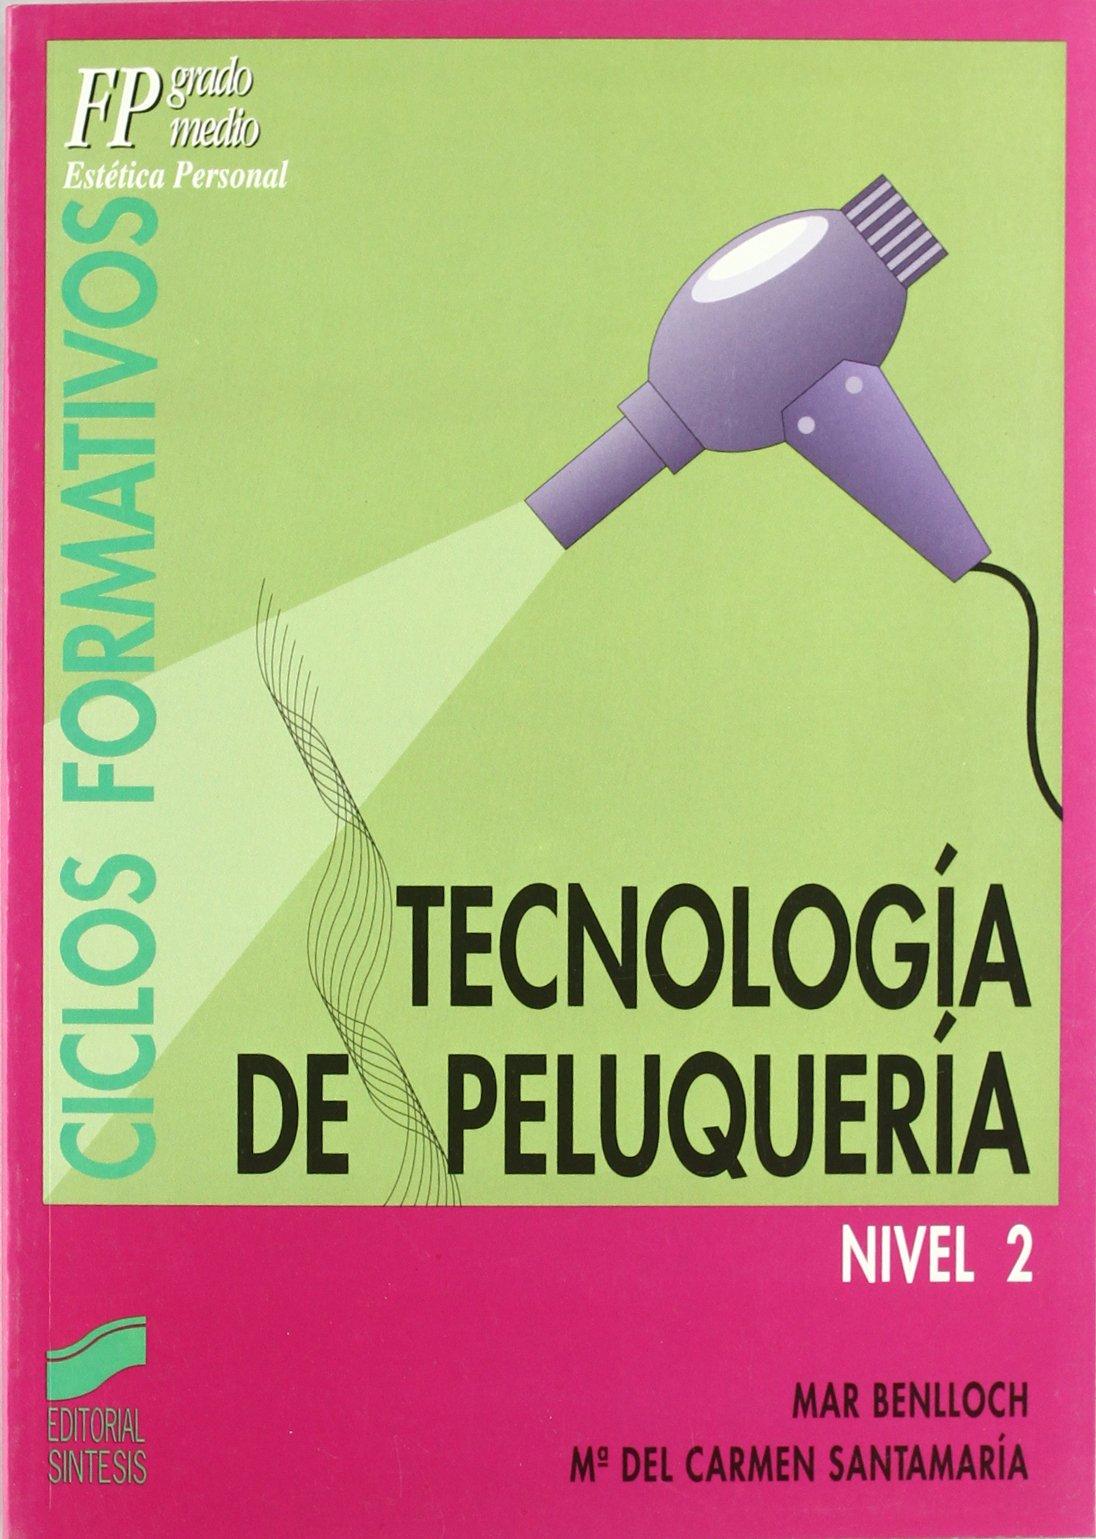 Tecnologia de Peluqueria (Spanish Edition)